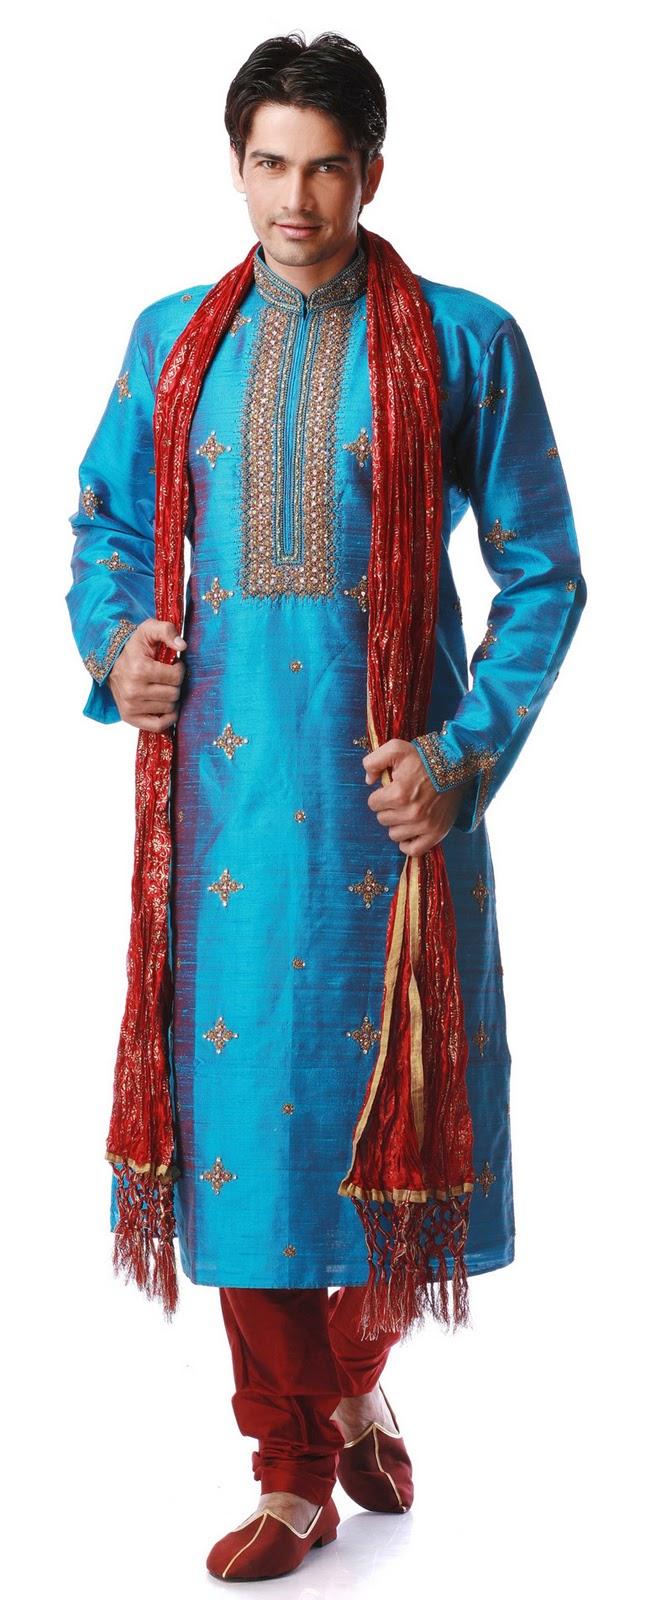 Oppza Glamorous World: Indian Traditional Clothing